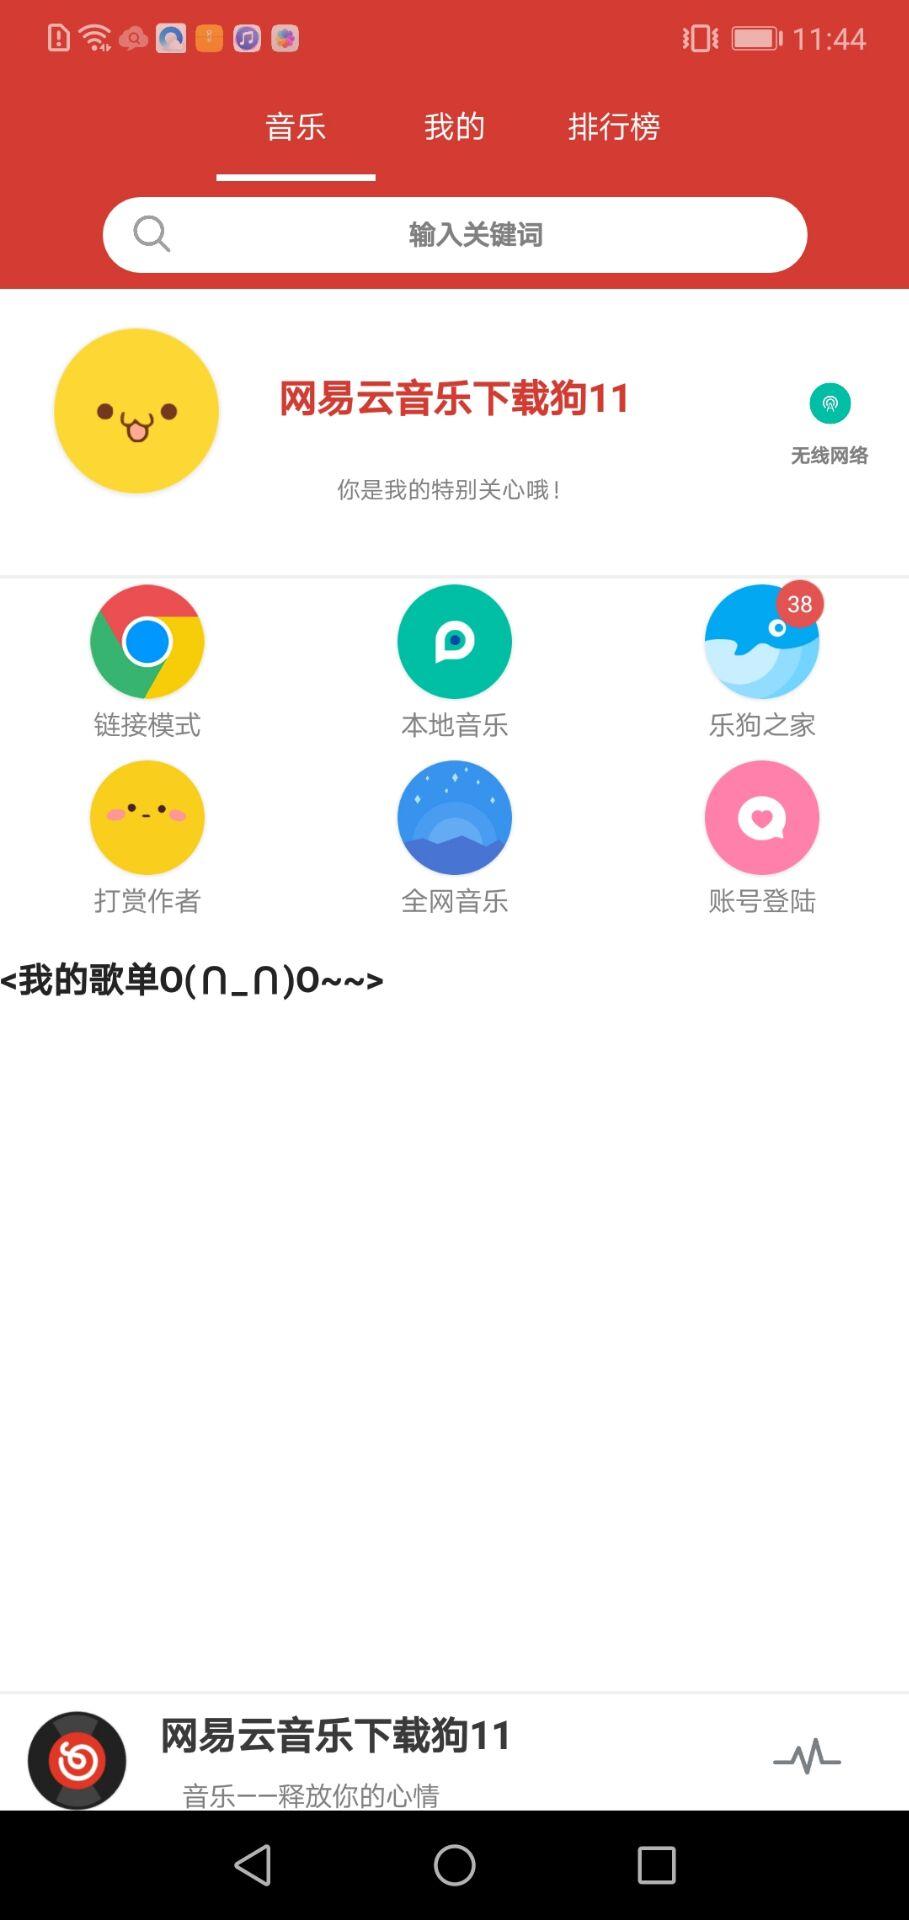 【资源分享】网易云音乐下载狗-爱小助